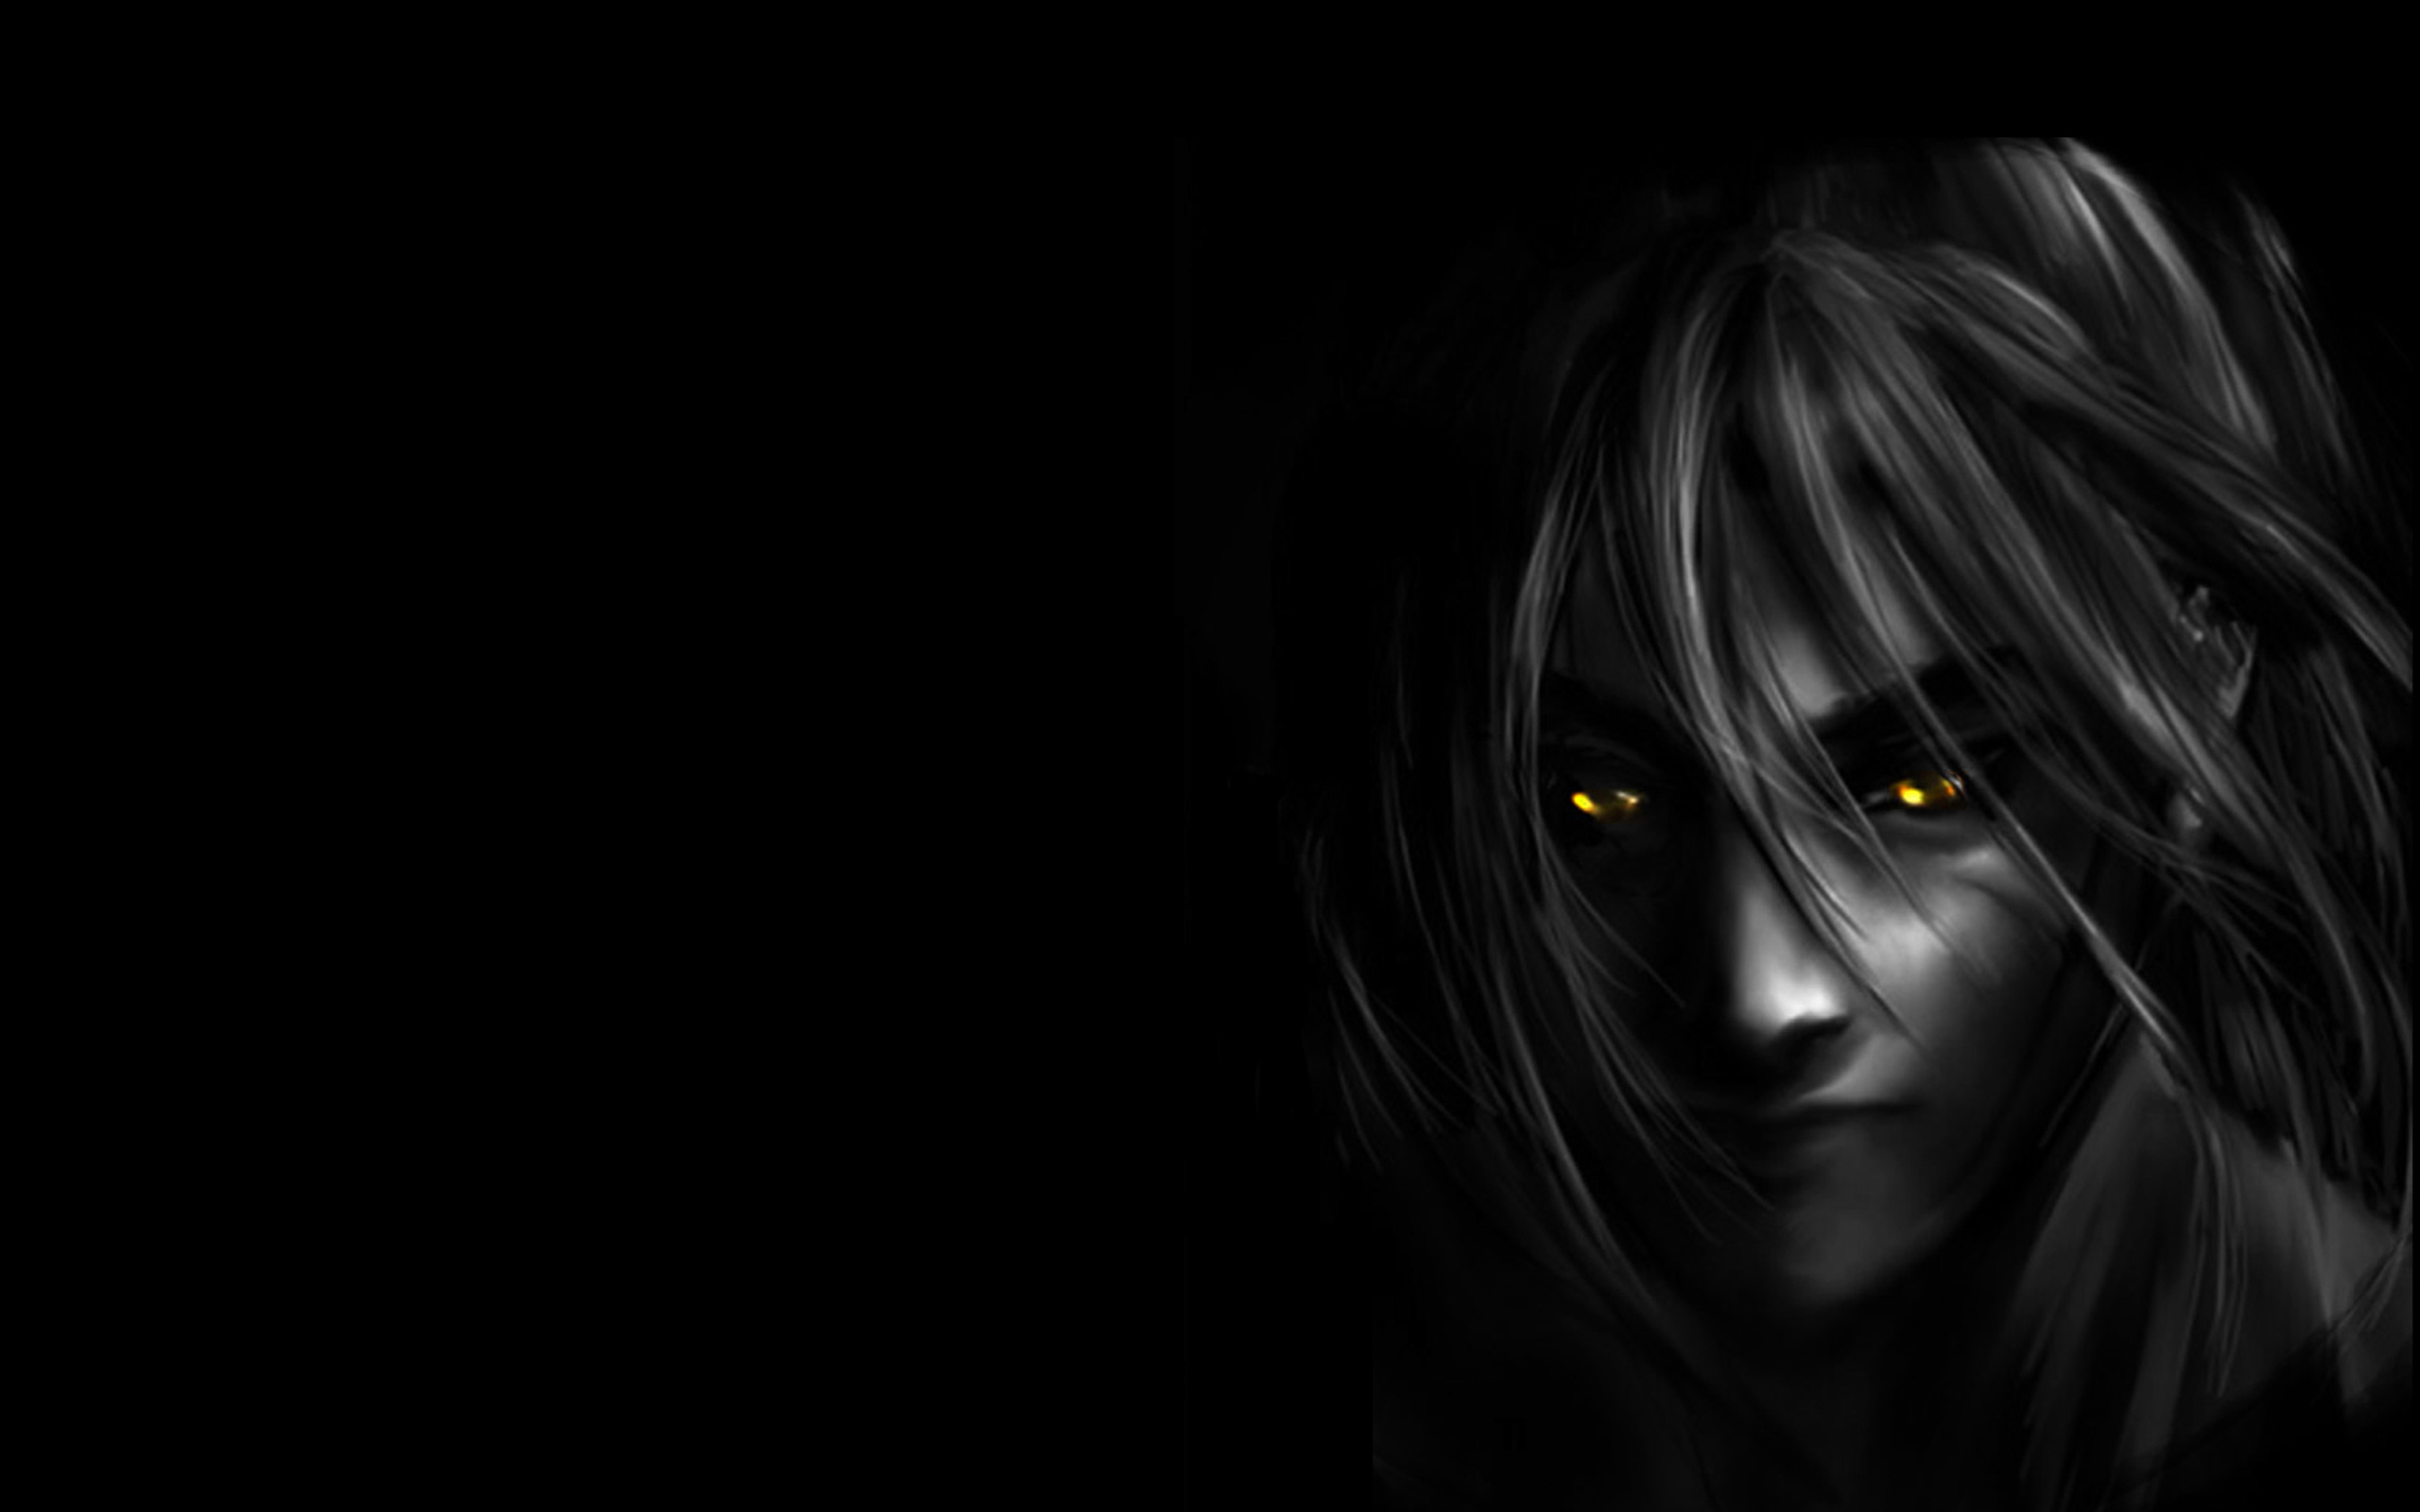 Dark anime girl wallpaper wallpapersafari - Anime wallpaper black background ...